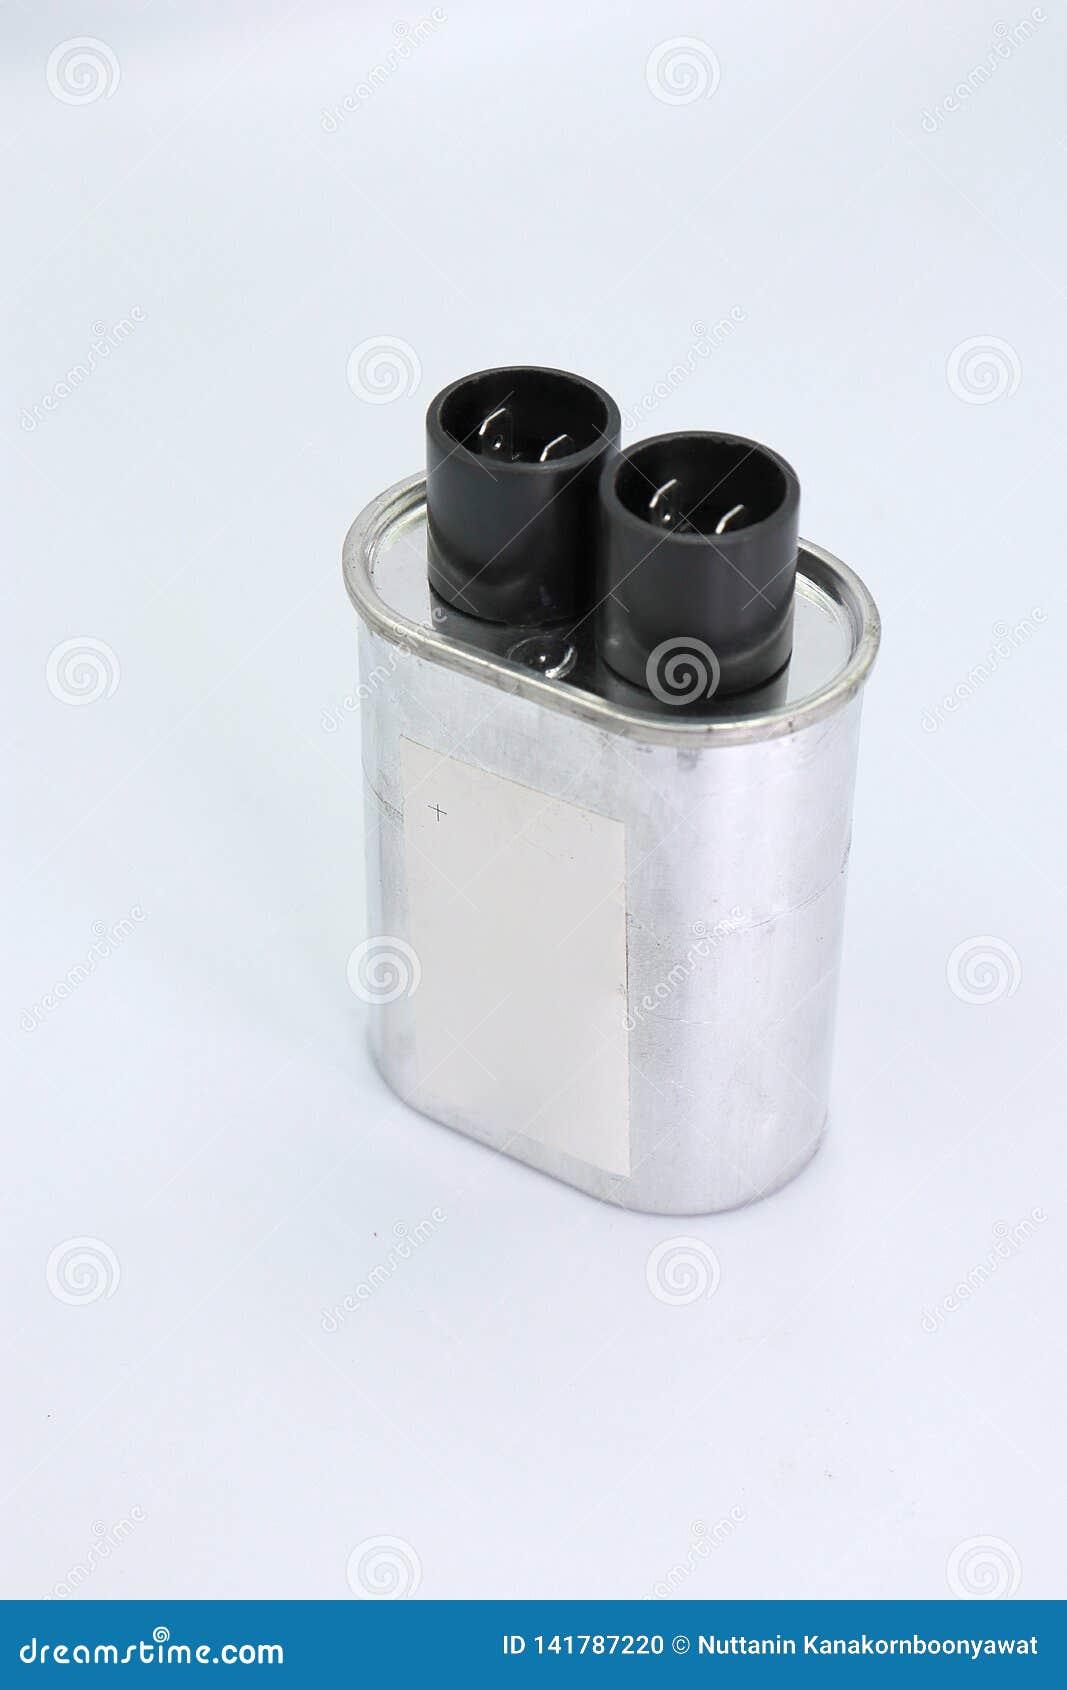 Condensatore isolato su fondo bianco